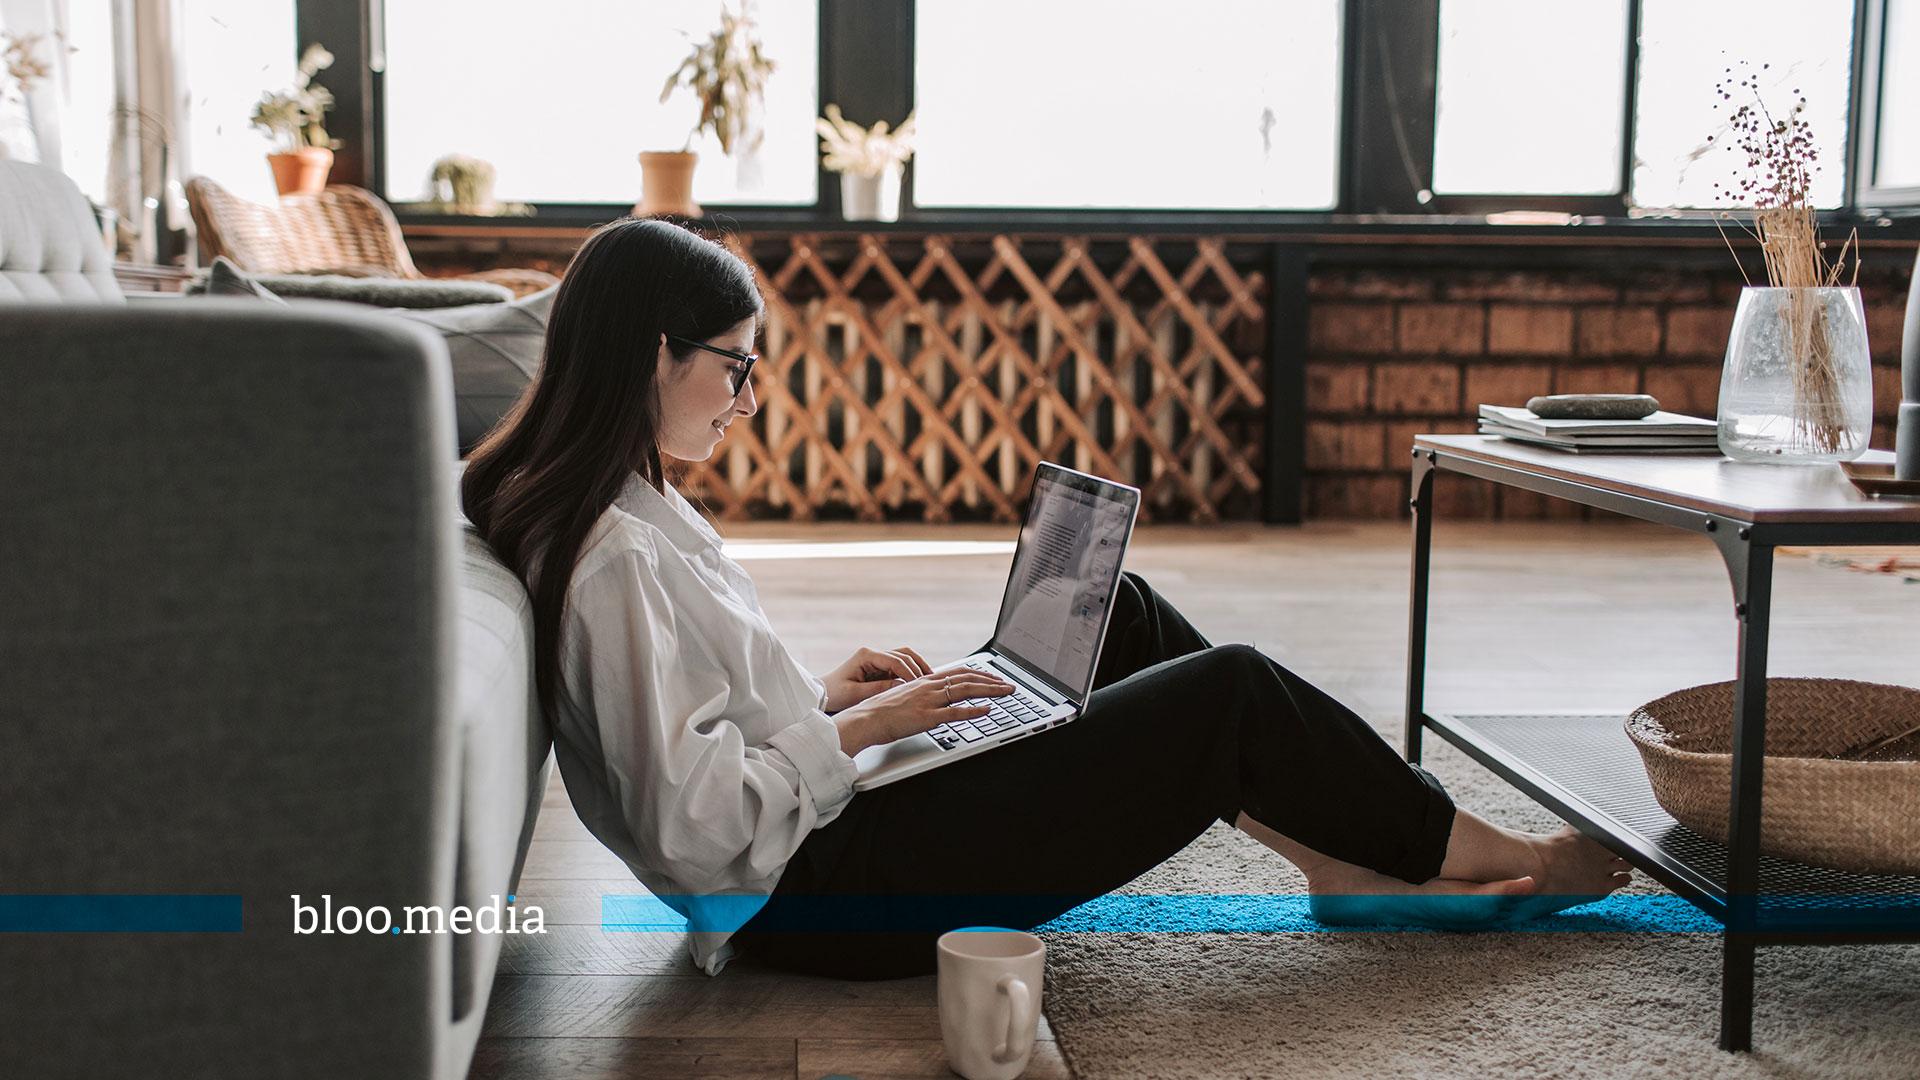 Newsletter ¿Qué es y cómo puede ayudar a tu empresa?